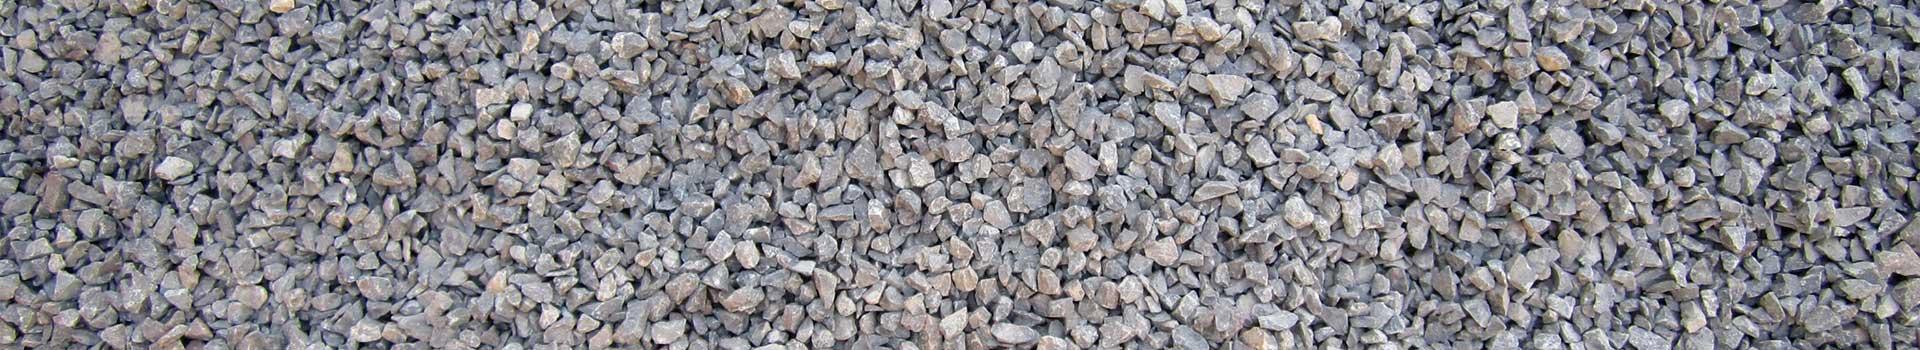 výroba betónových prefabrikátov, predaj štrku, piesku a kameňa